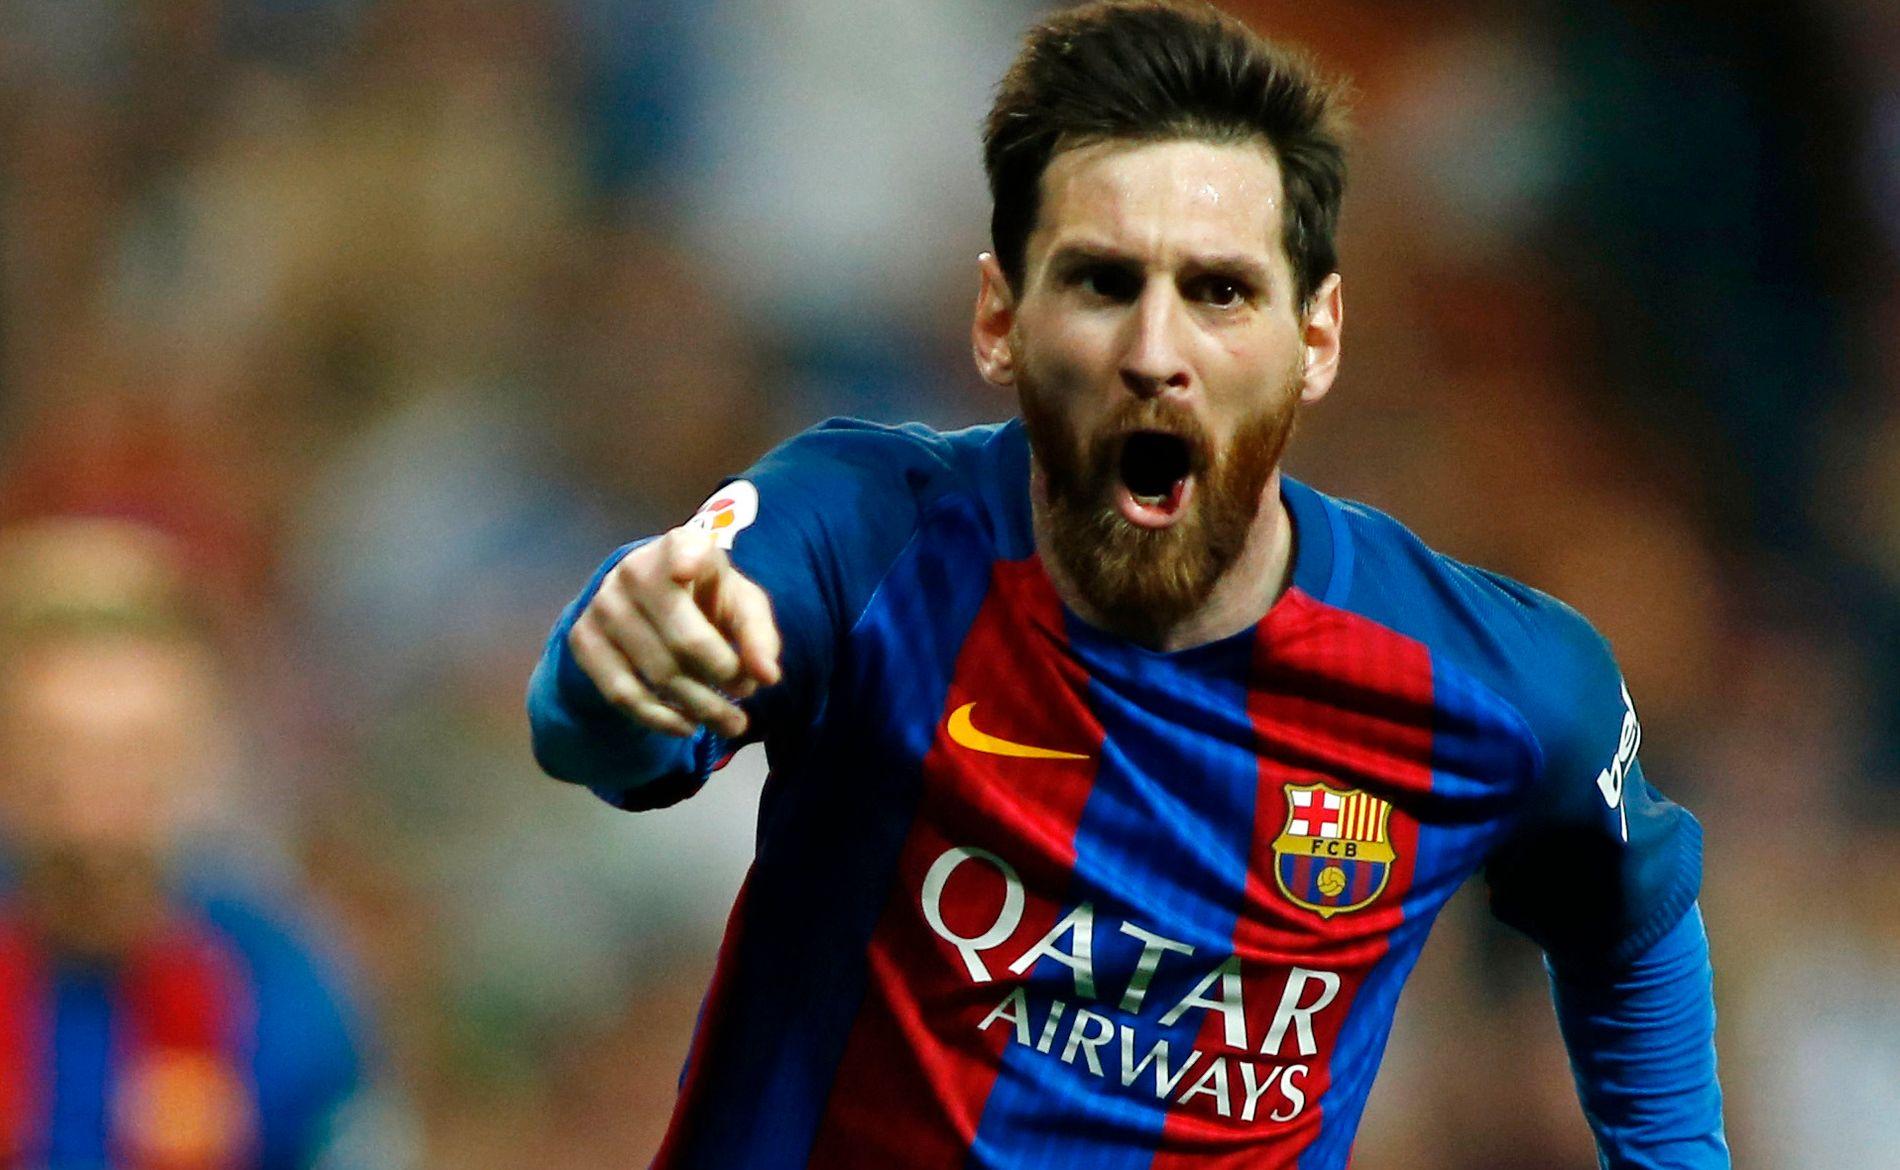 FEIRER: Lionel Messi jubler etter å ha scoret seiersmålet borte mot Real Madrid i april. I kveld kan argentineren føre Barcelona til cupfinaletriumf mot Alavés.